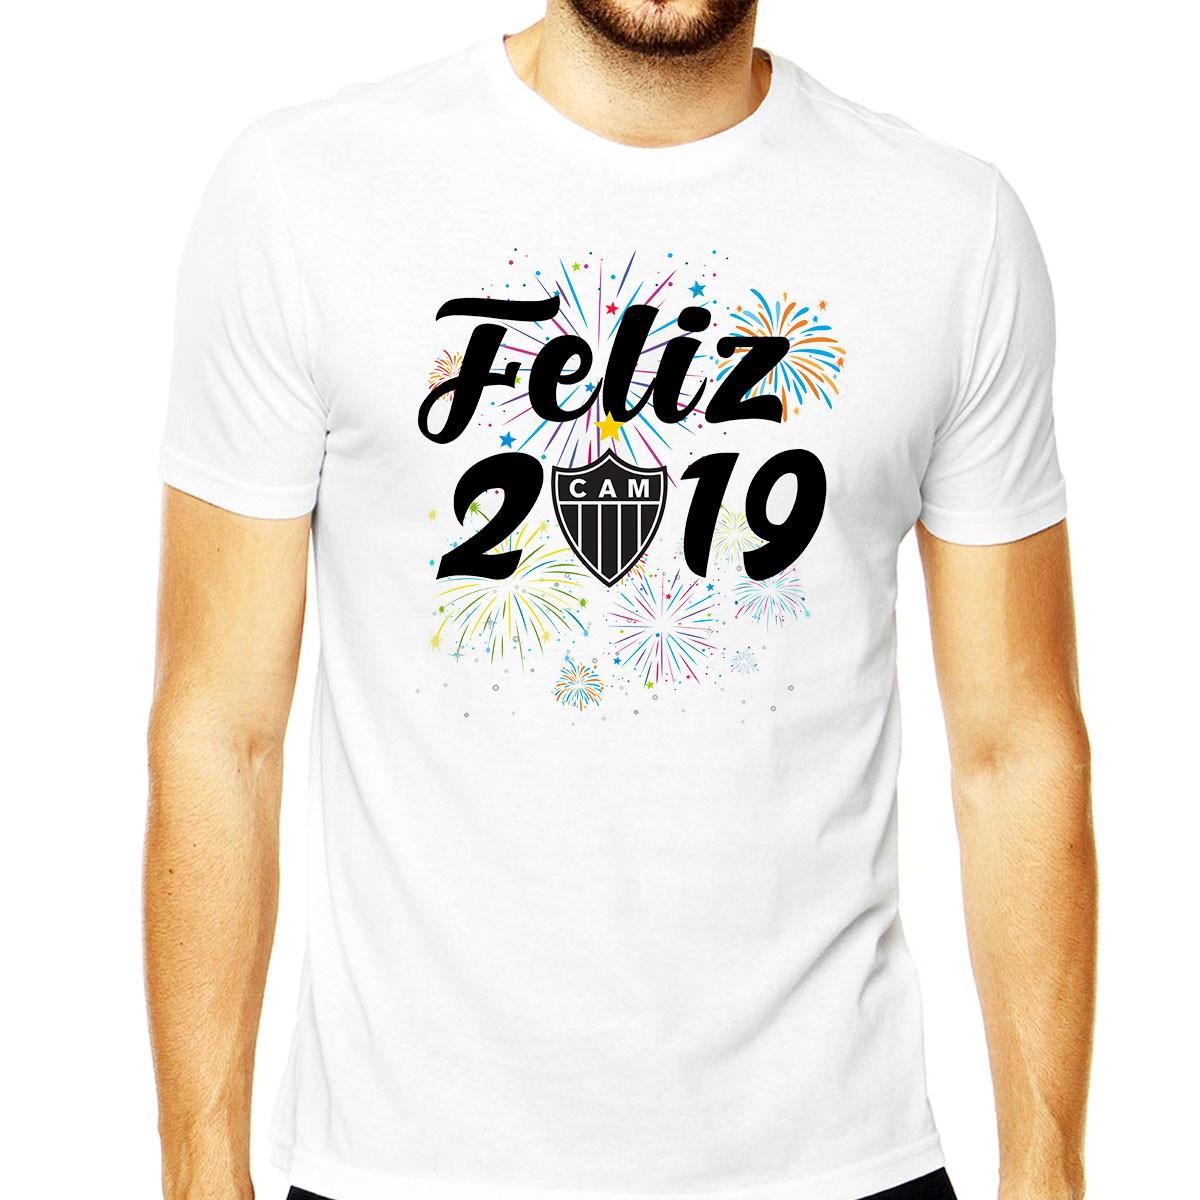 93bfdf9f14 Camiseta Masculina Feliz 2019 Time Atlético Mineiro Camisa no Elo7 ...